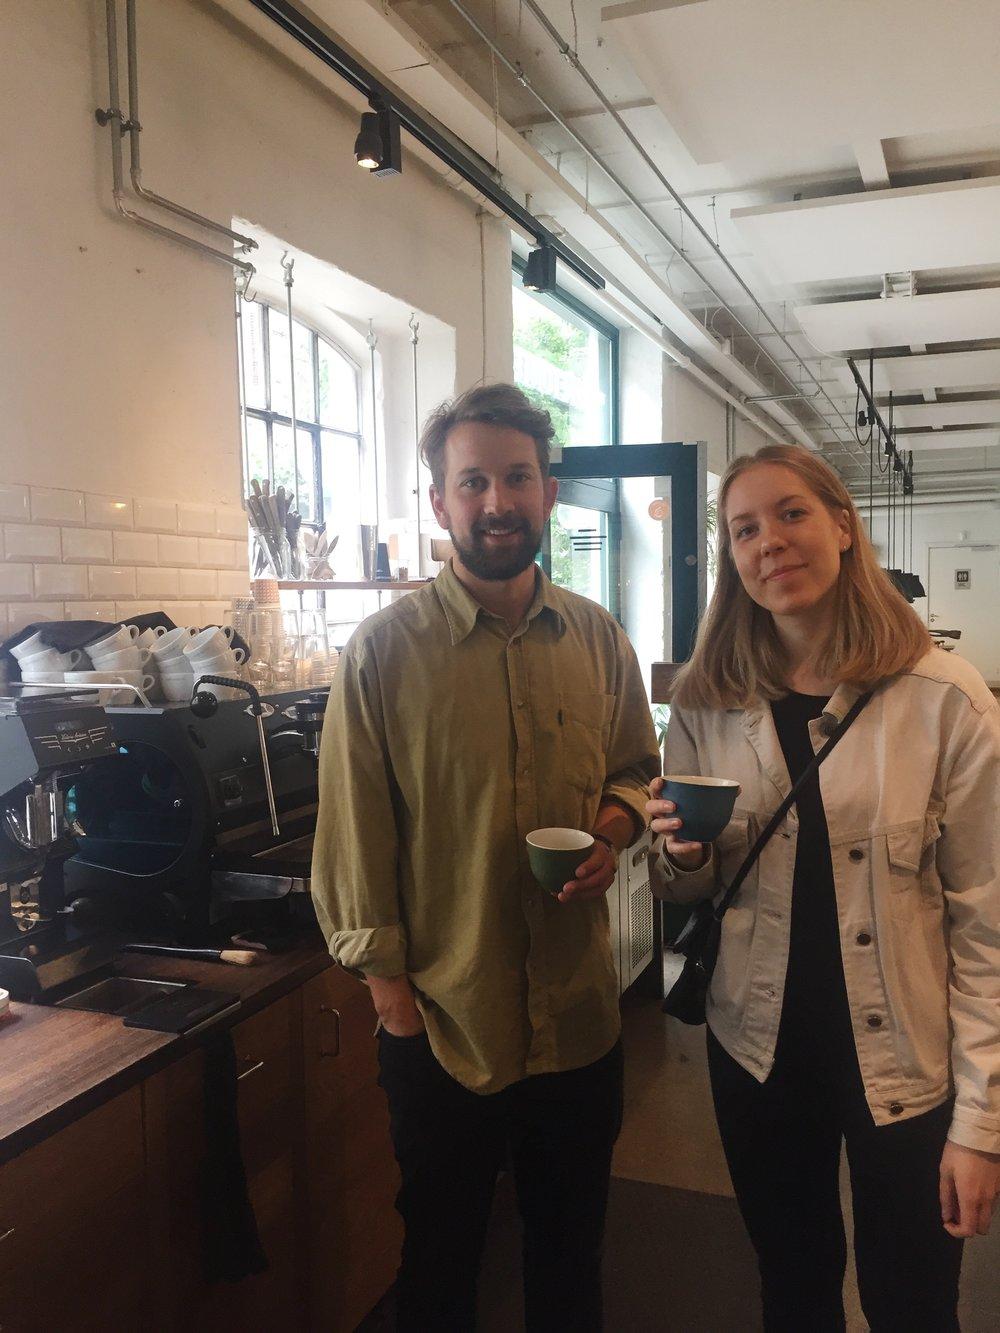 Anna var forbi risteriet og kaffebaren på Godthåbsvej. Her med barista Callum Hare fra Coffee Collective.